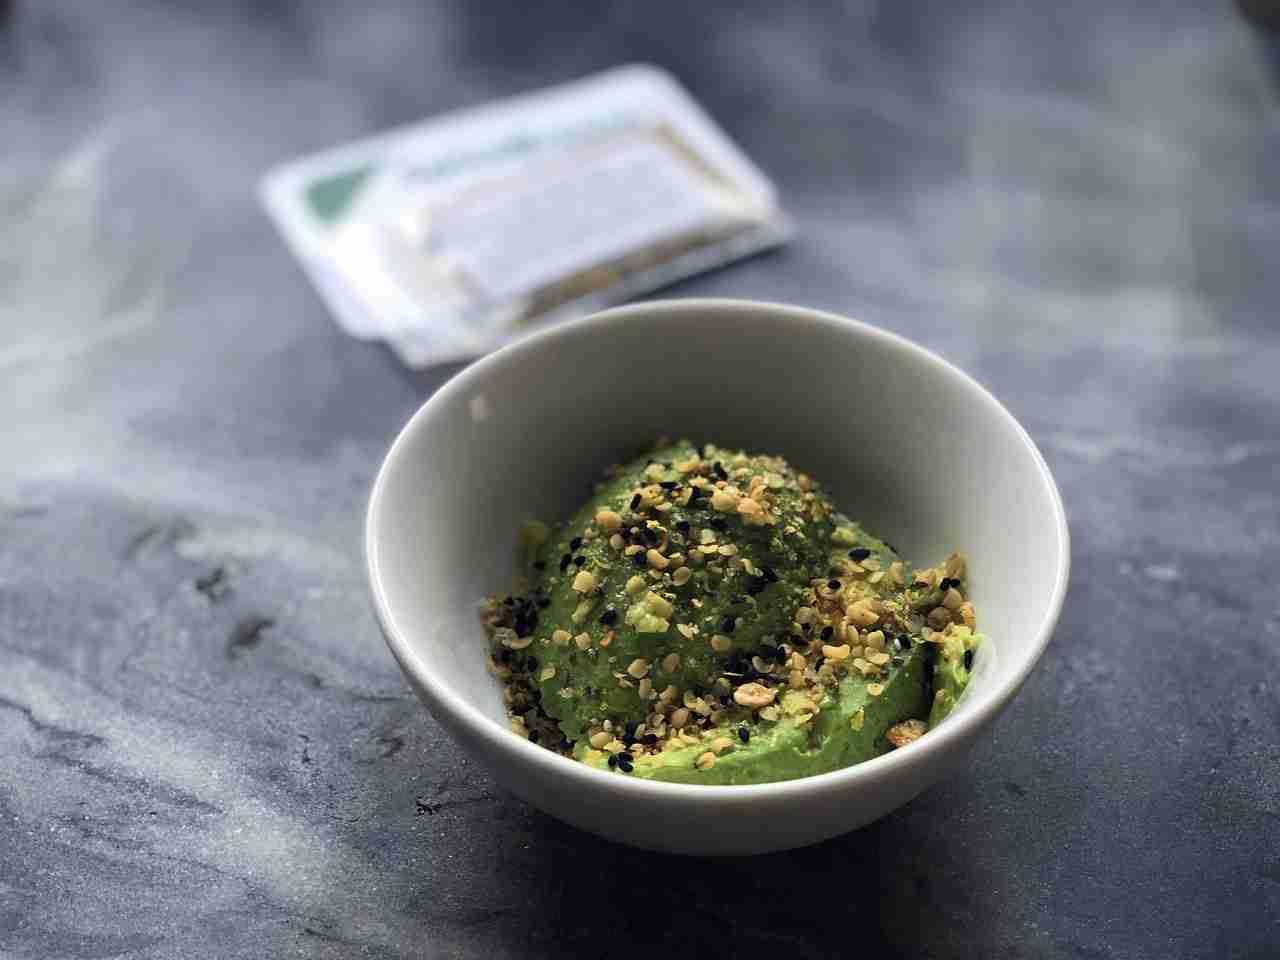 flax seeds sprinkled onto avocado